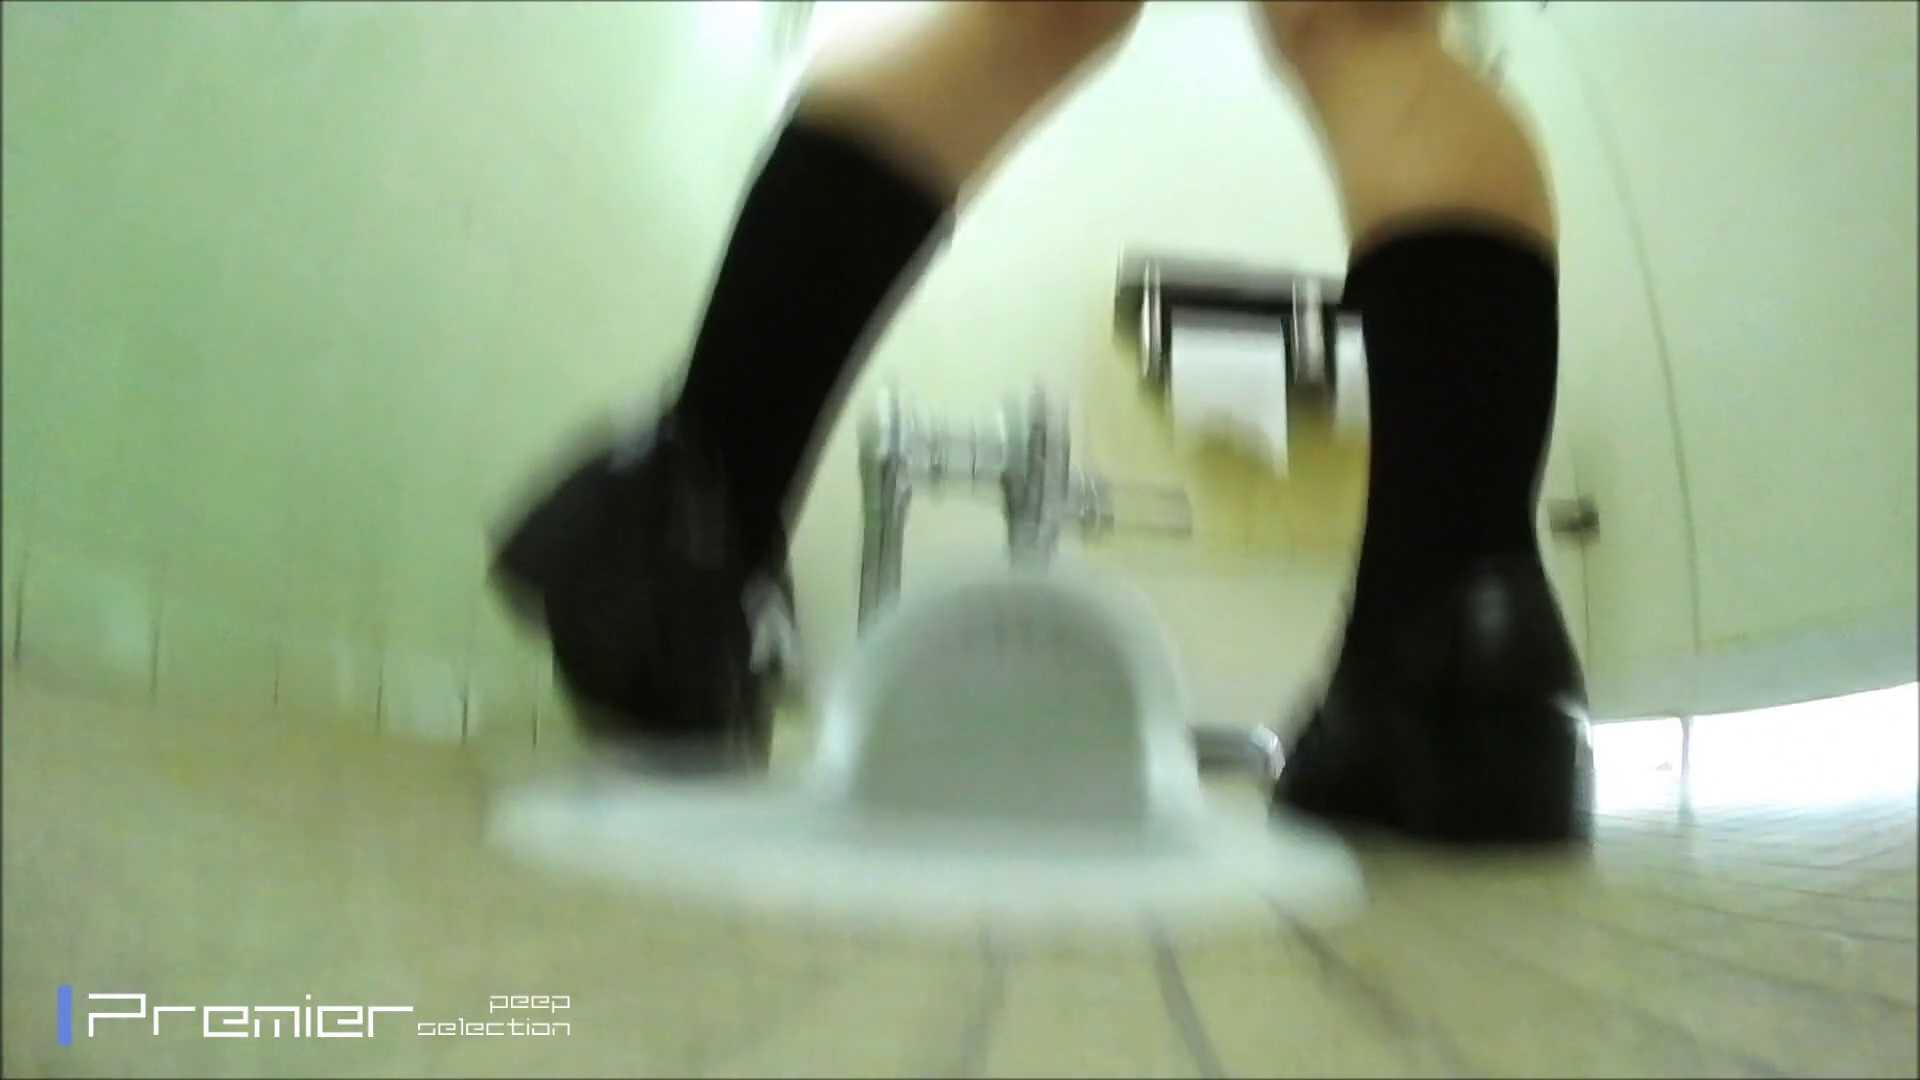 FHD激カワ!激やば! 復讐のトイレ盗撮 Vol.03 トイレ中 | 盗撮エロすぎ  78連発 57